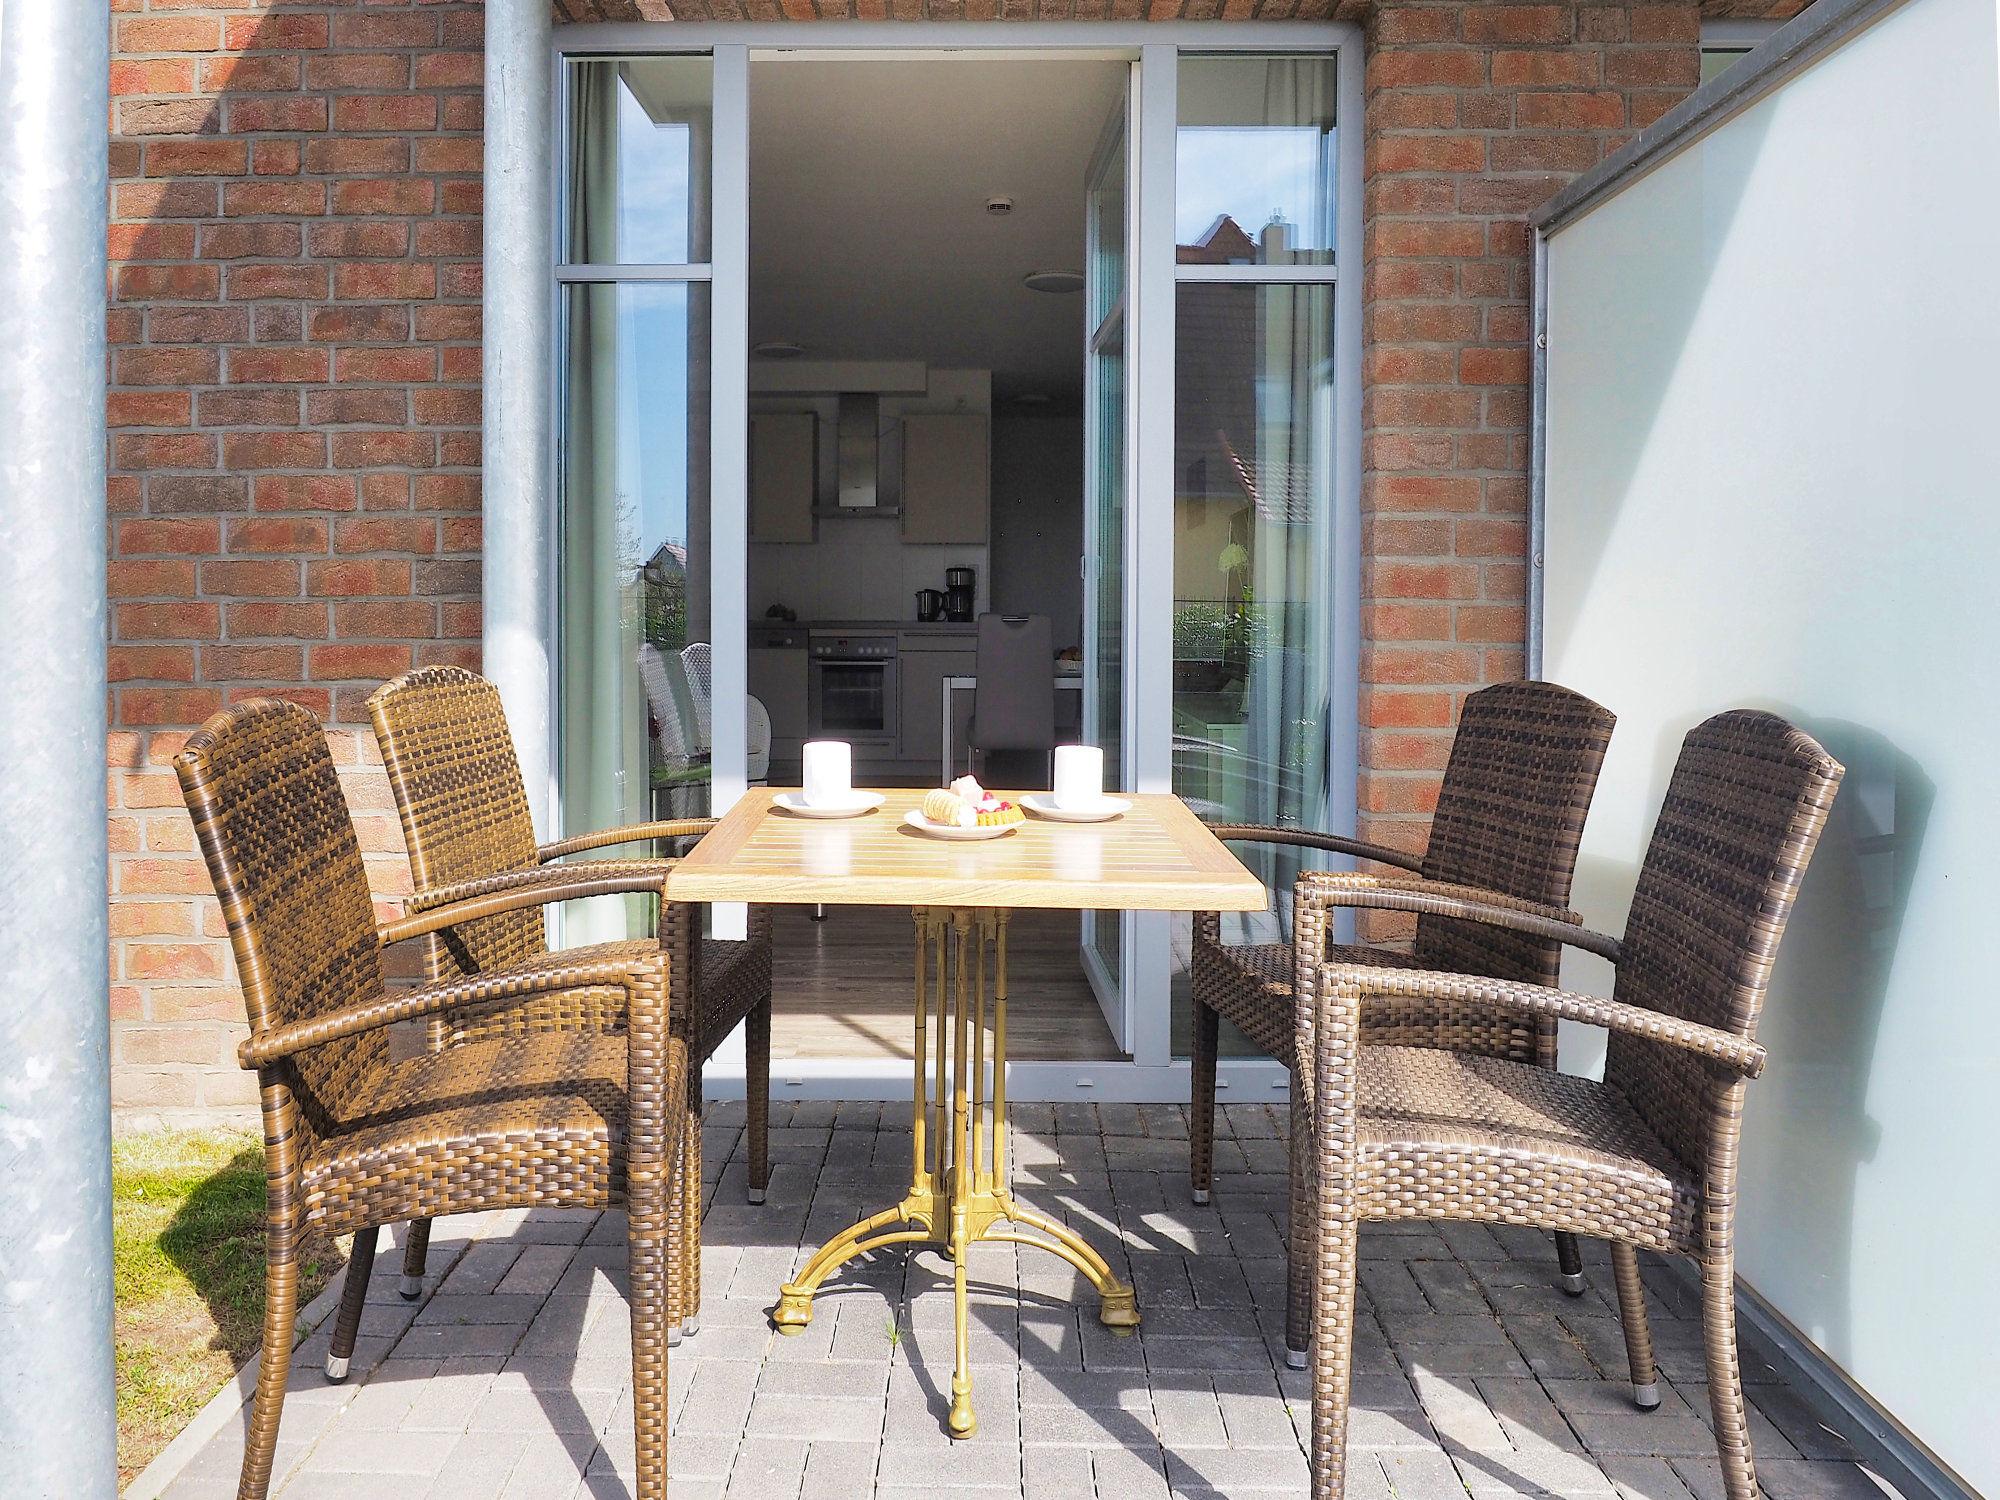 sonnige Terrasse mit Tisch und vier Stühlen